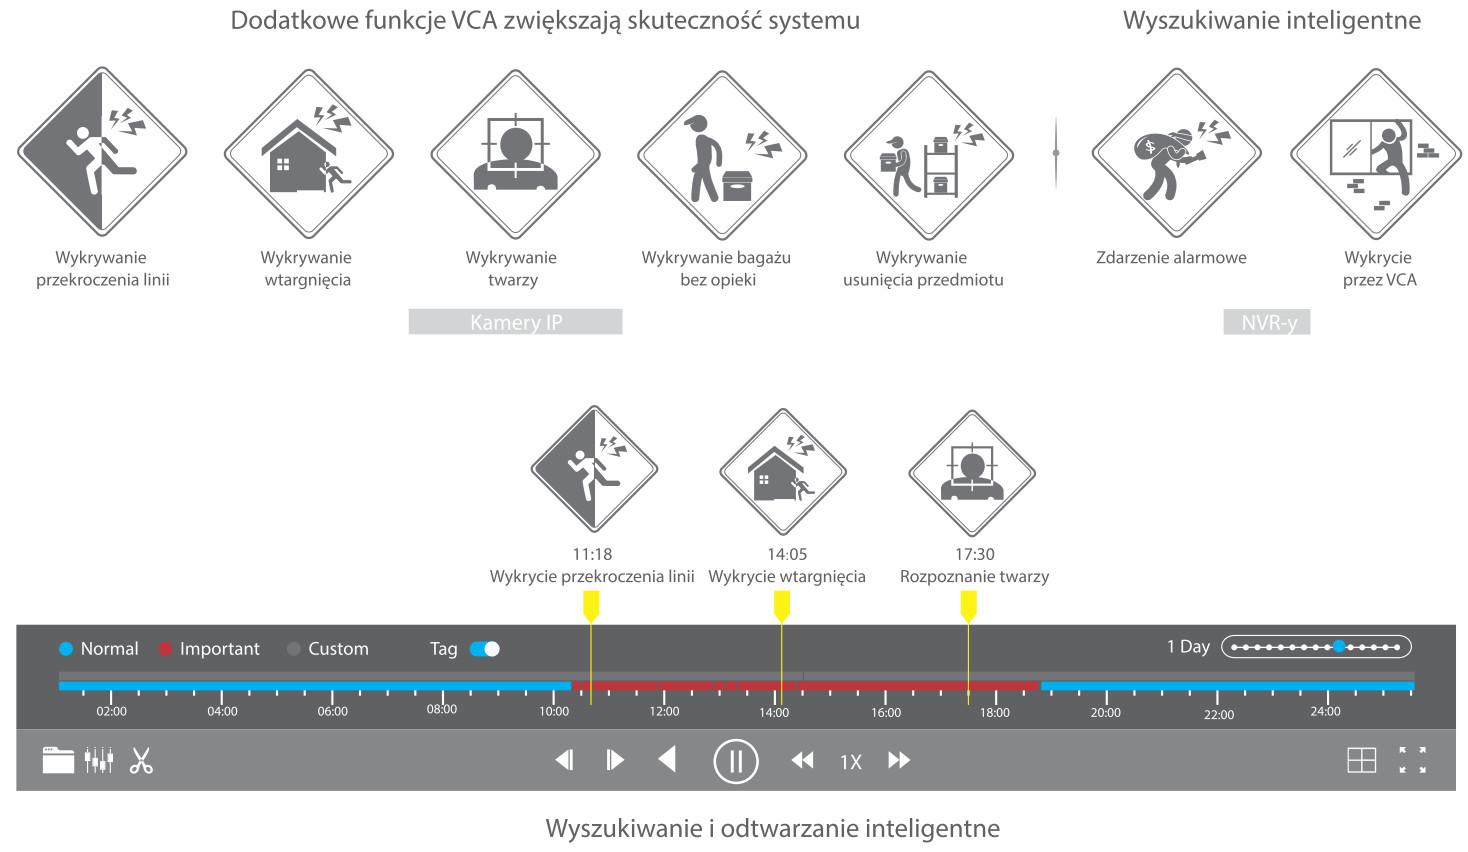 Inteligentne funkcje VCA.